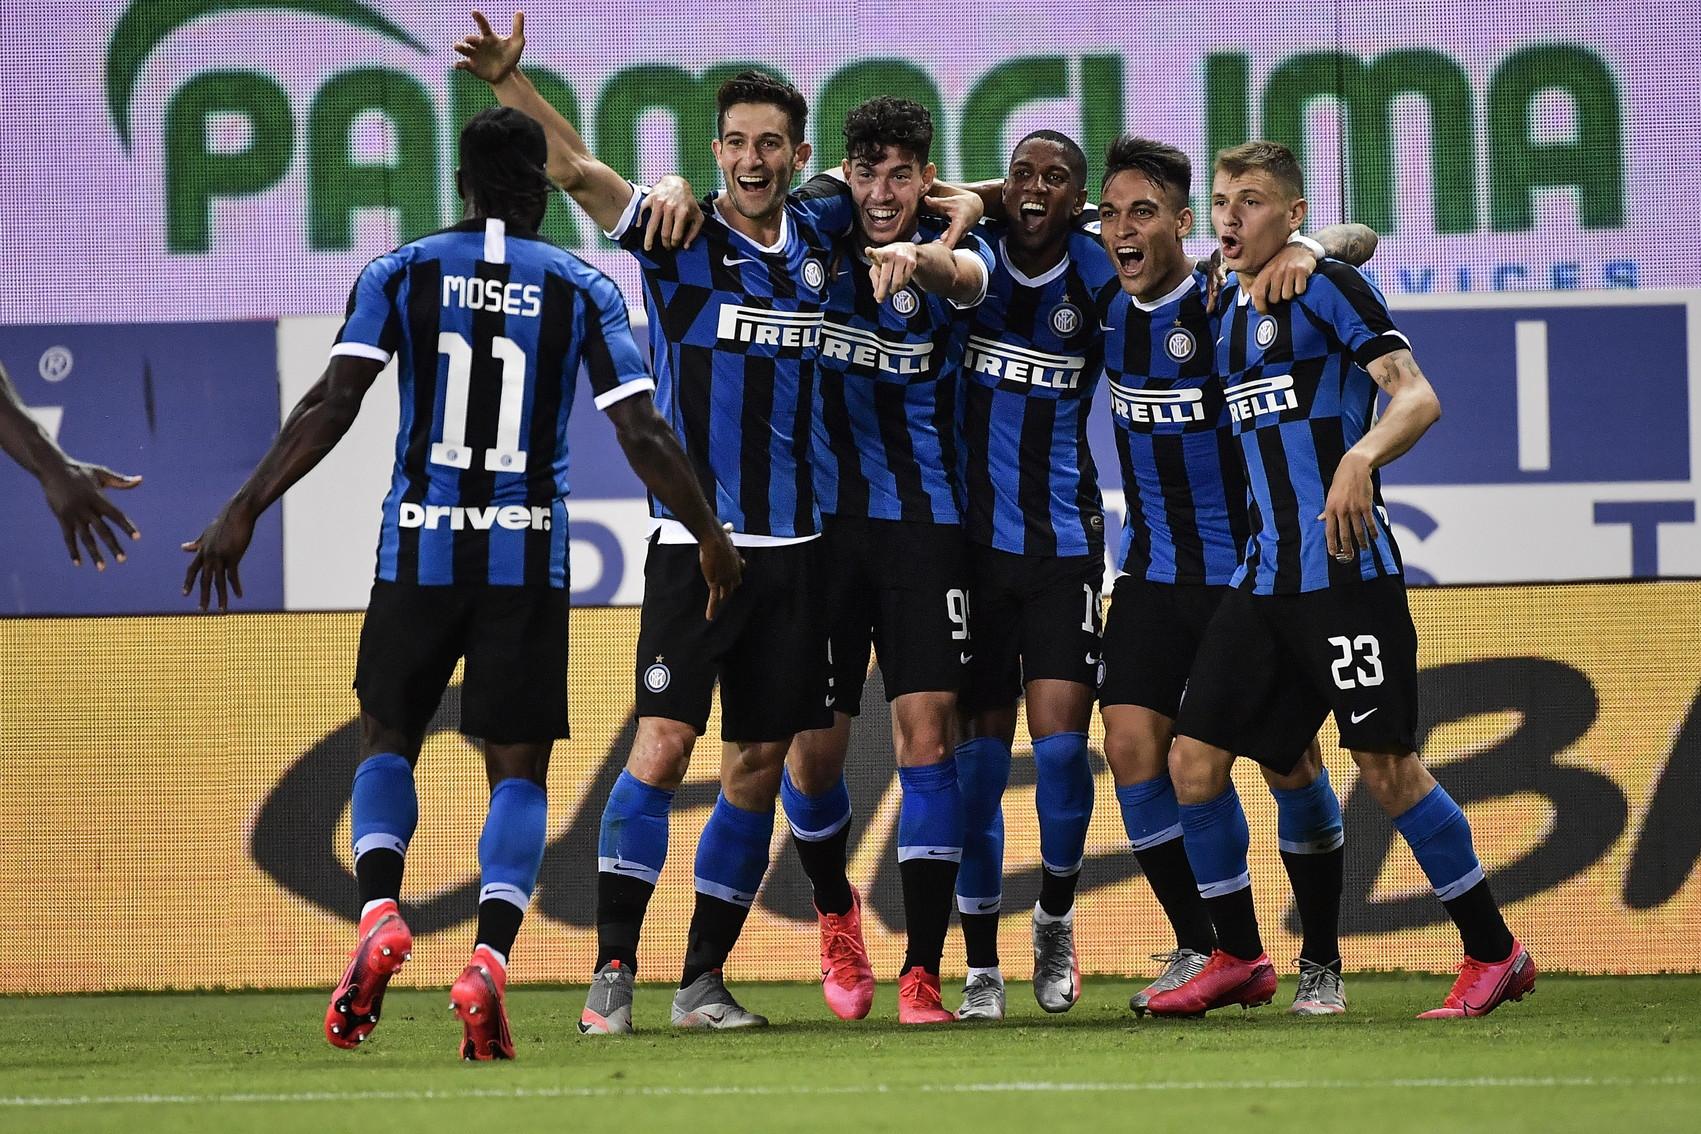 L'Inter batte in rimonta il Parma nel finale grazie a De Vrij e Bastoni. Gervinho aveva portato avanti i ducali nel primo tempo.